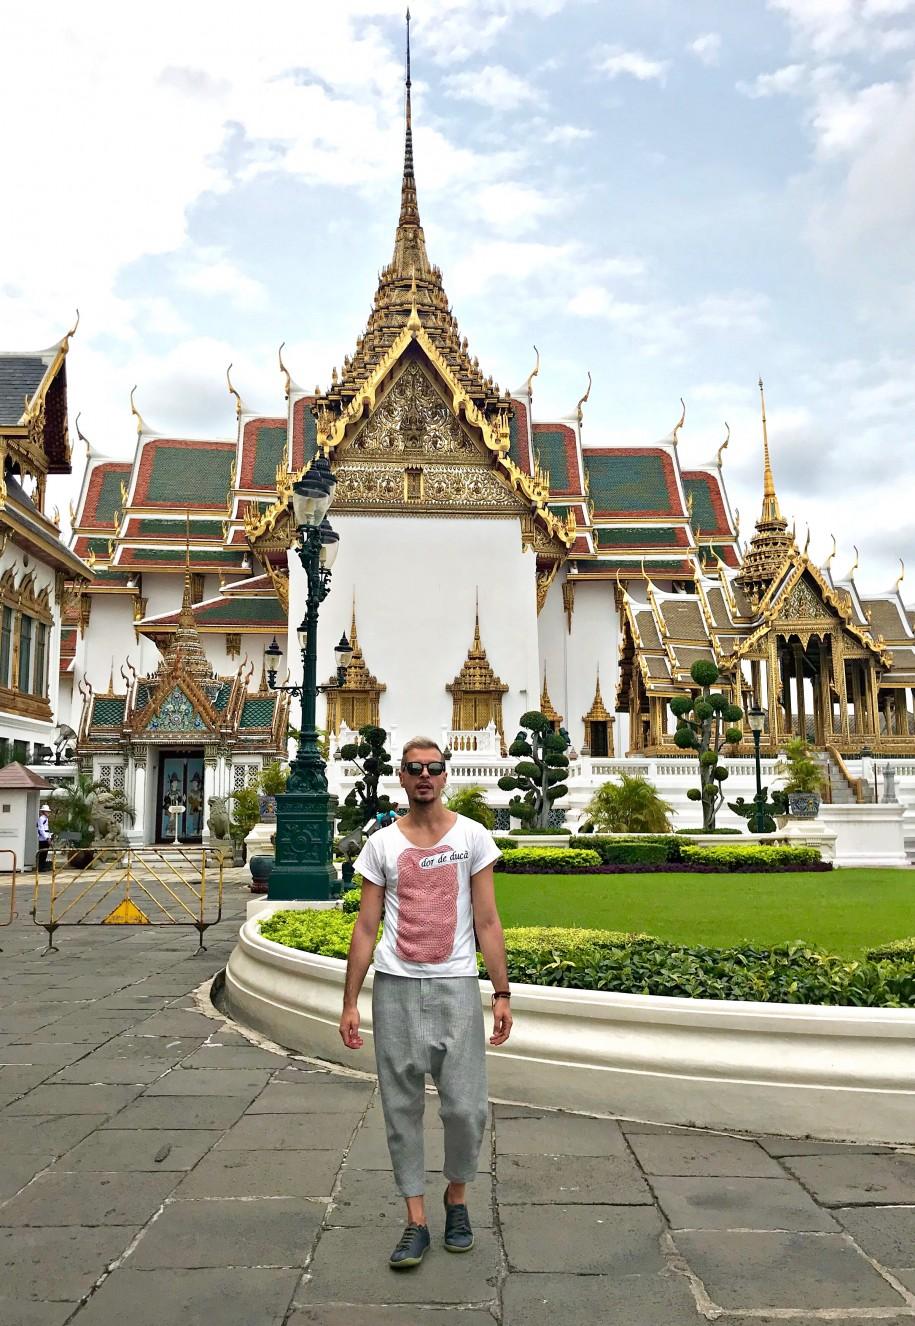 Ovidiu Muresanu Bangkok 21